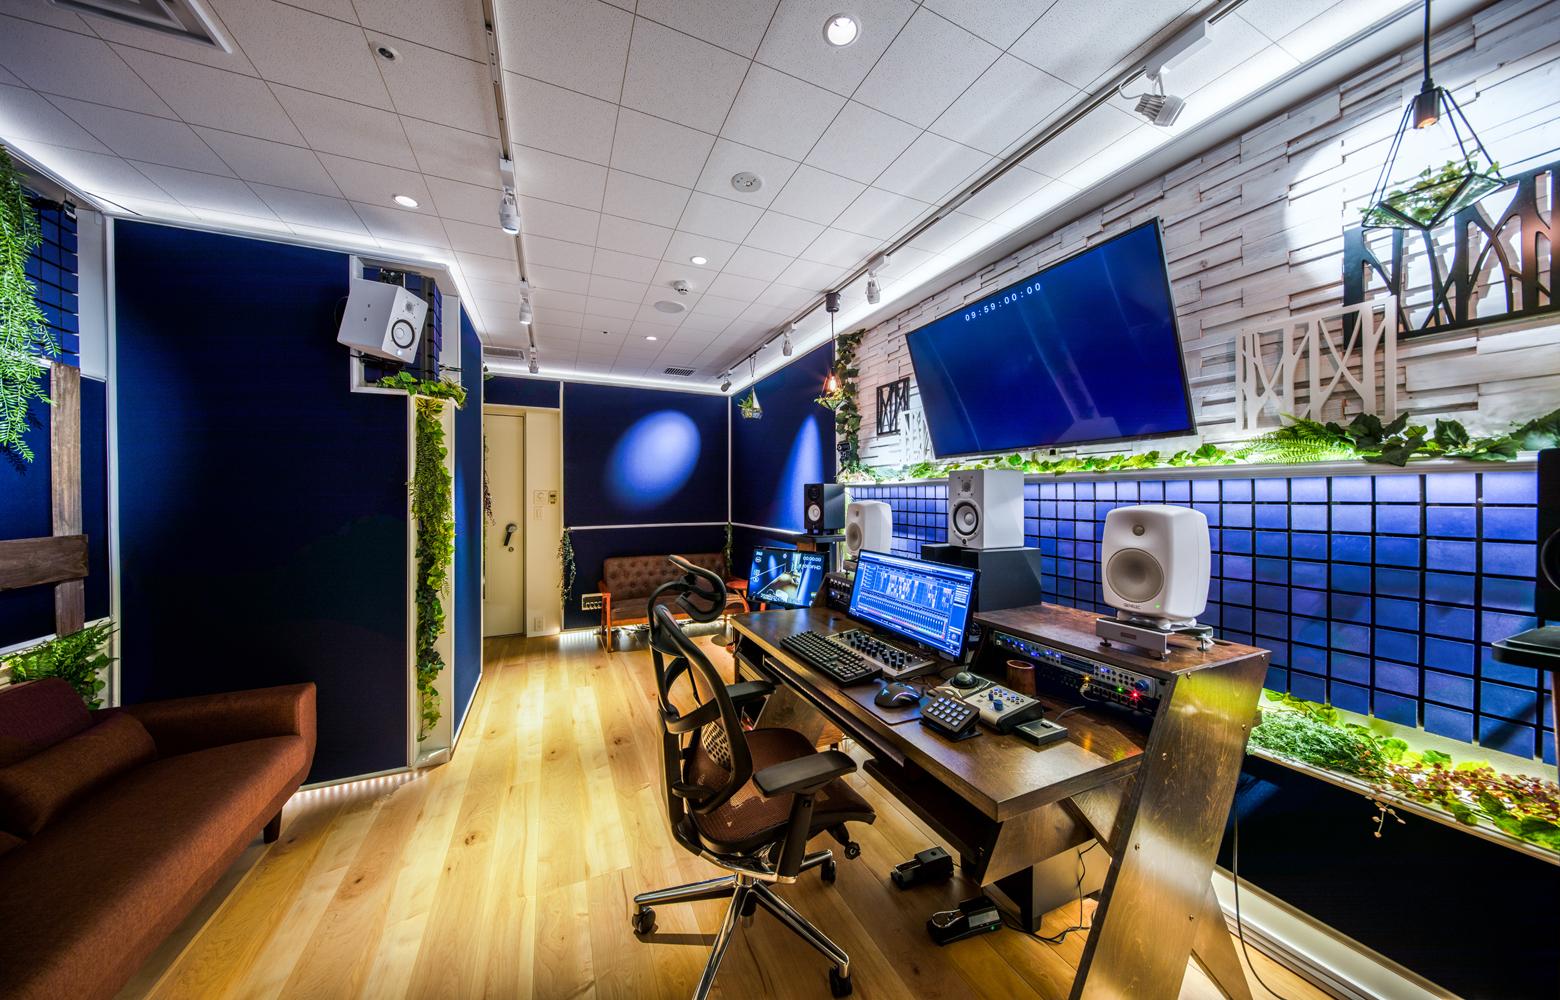 KLab株式会社 Roppongi Office Recording Studio_3 デザイン・レイアウト事例